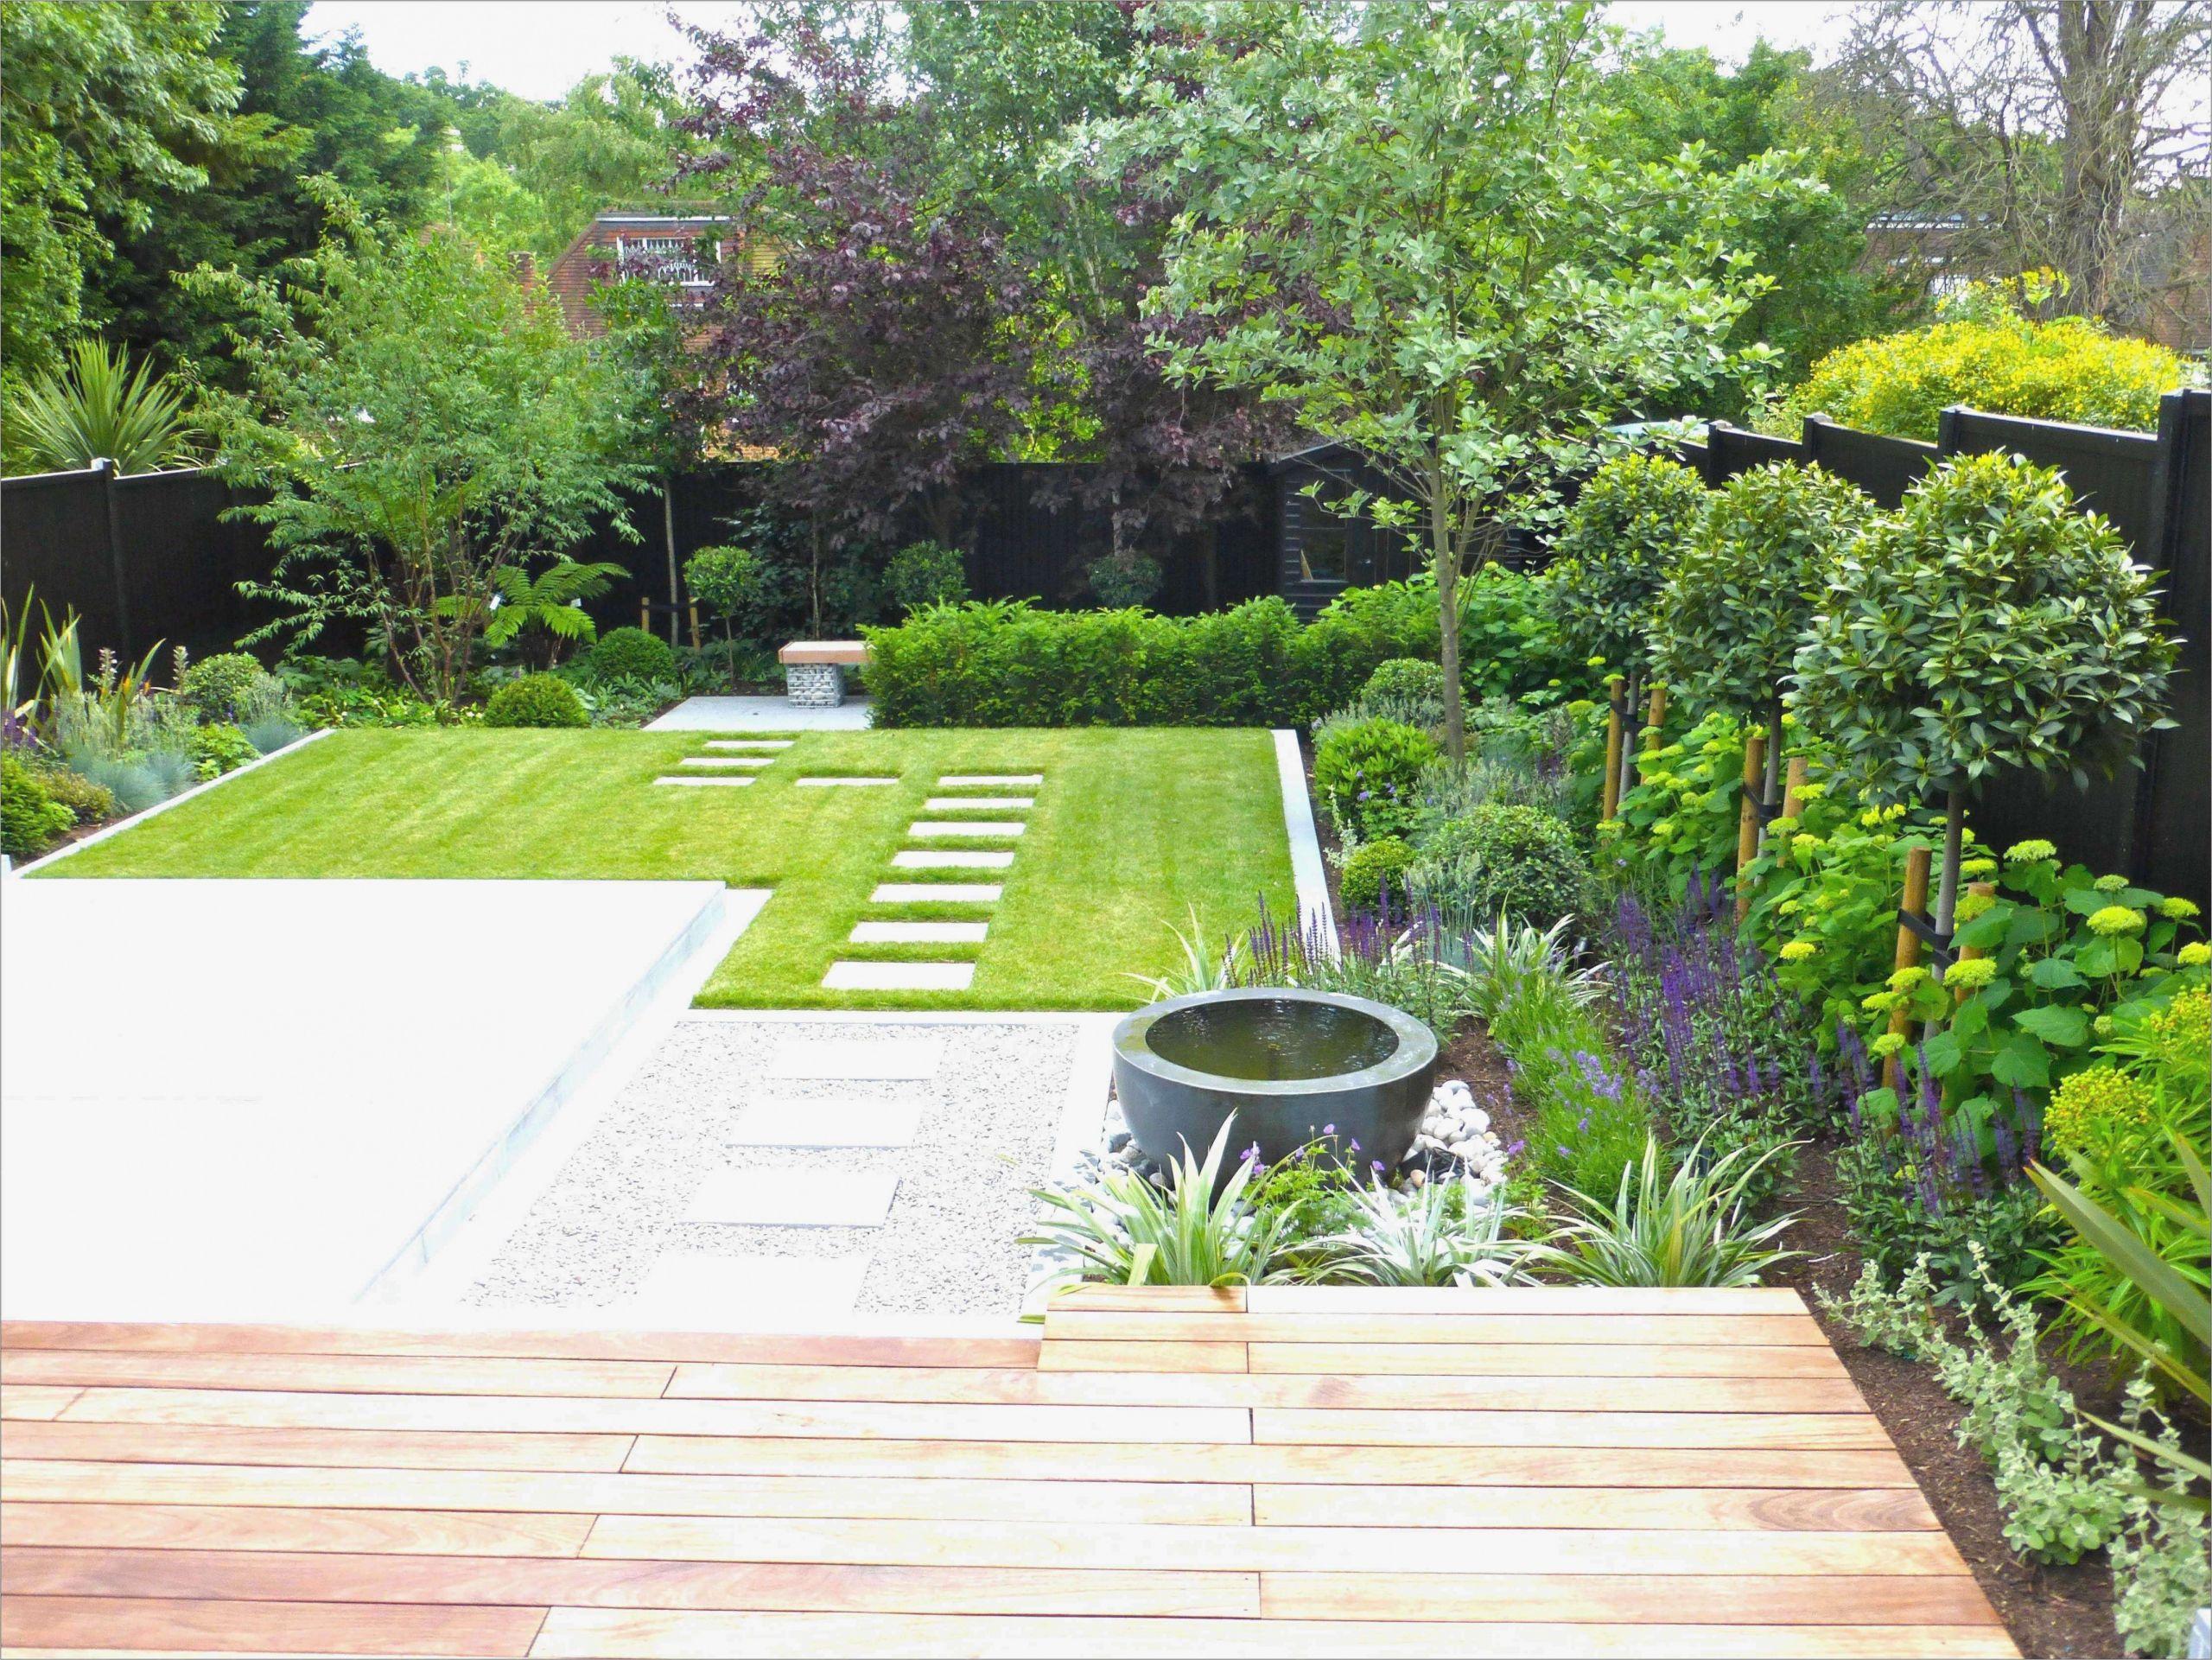 Gartengestaltung Selbst Gemacht Einzigartig 23 Einzigartig Ideen Für Garten Gestalten